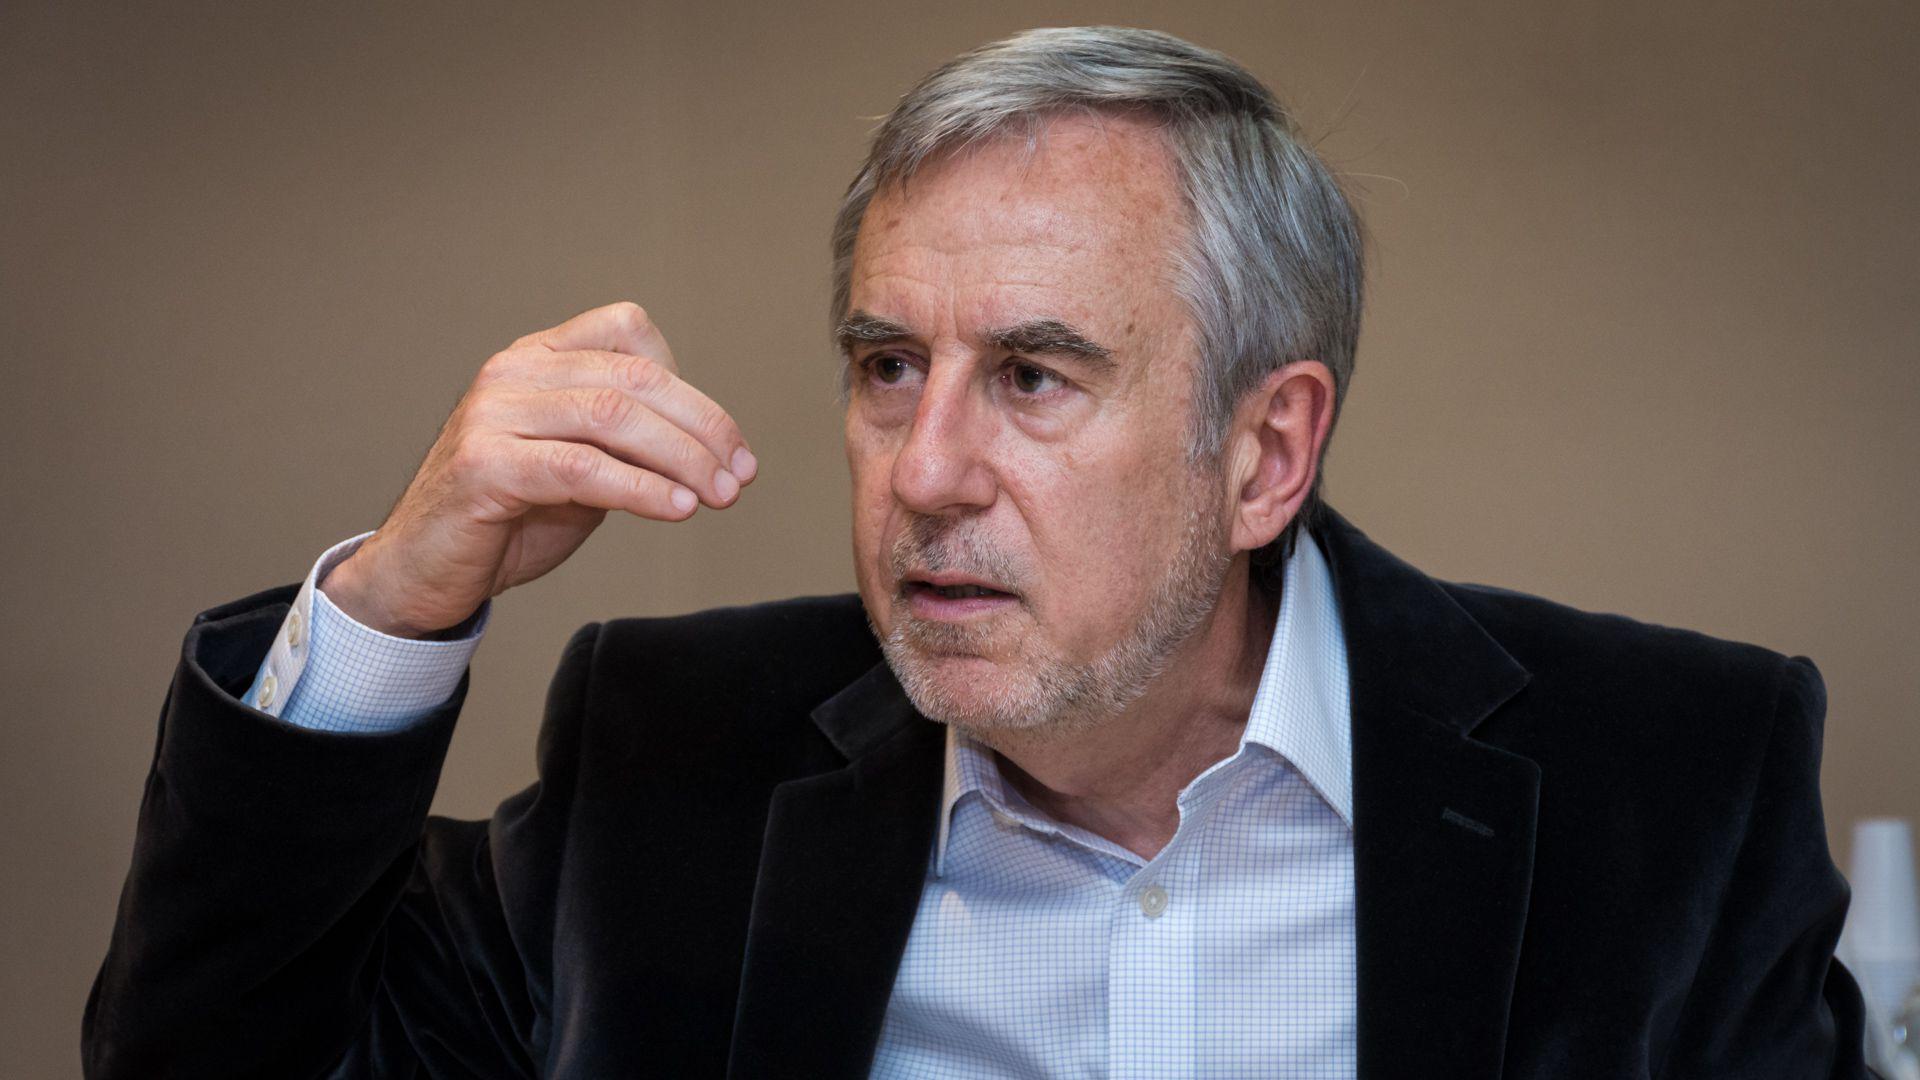 """Para el economista Juan Luis Bour, de FIEL """"probablemente se termine informalizando a más gente mientras se está esquivando el verdadero problema que es la falta de empleo"""" (Martín Rosenzveig)"""